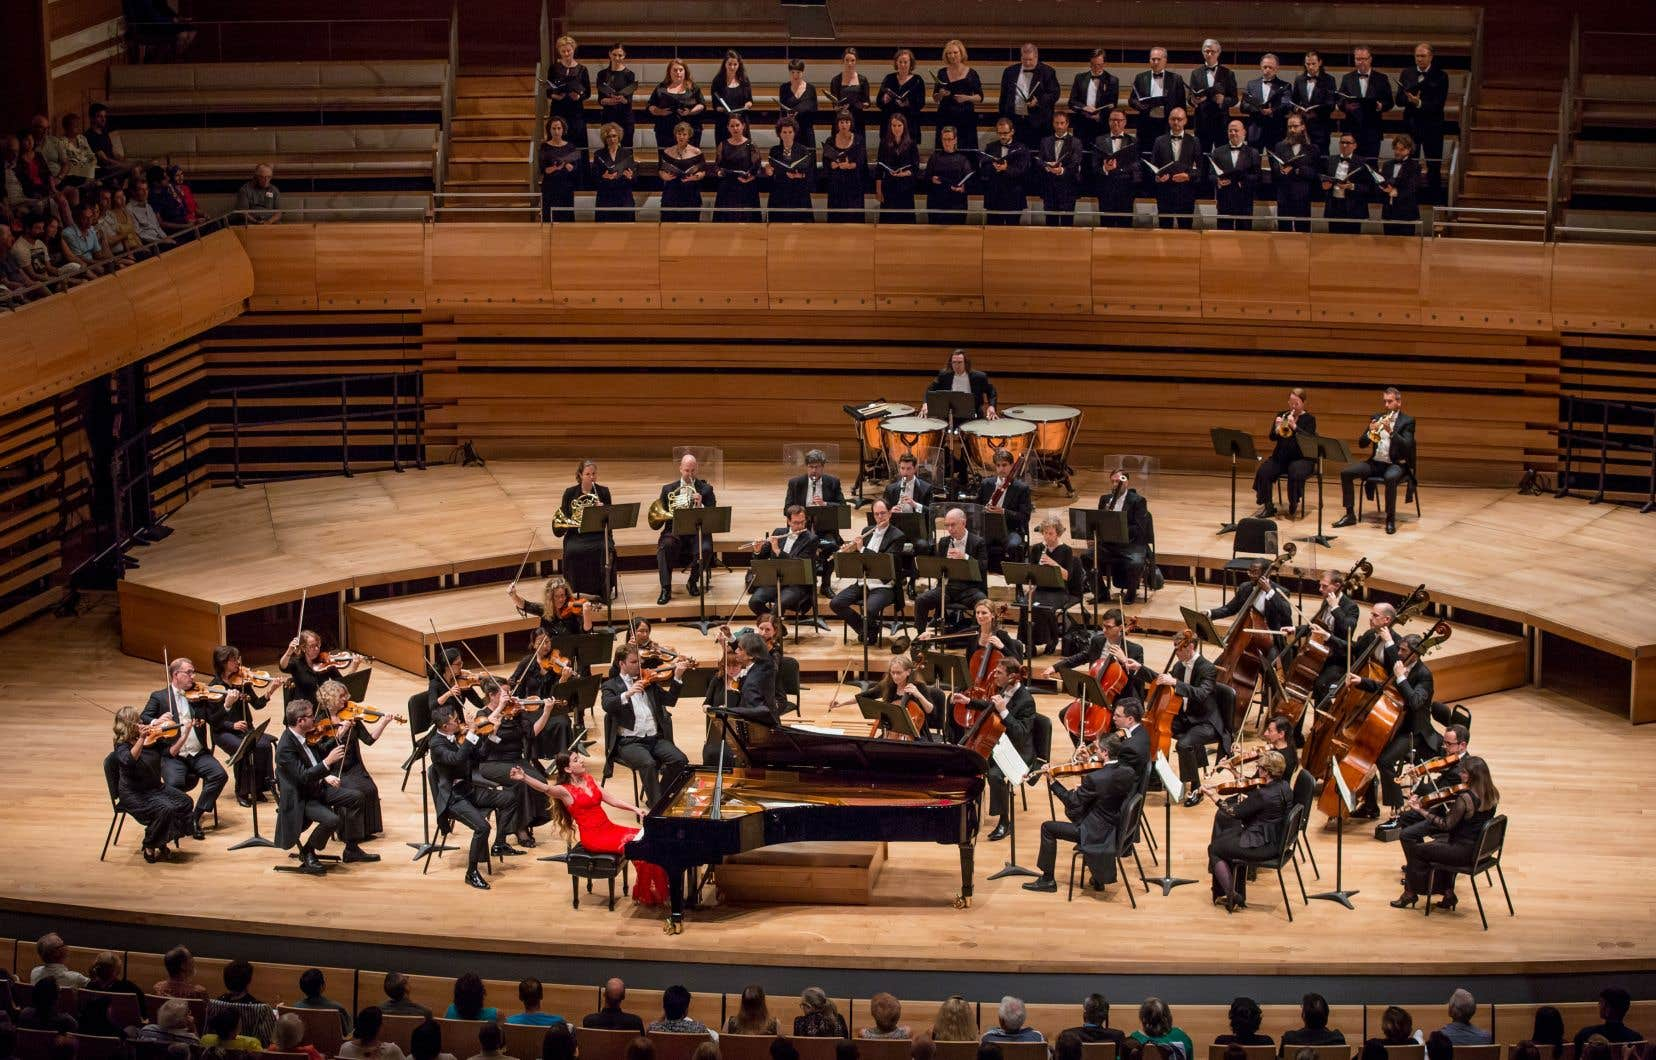 Alors que les orchestres des États-Unis tirent un trait les uns après les autres sur leur année 2020, les perspectives restent positives pour le milieu du classique au Québec.